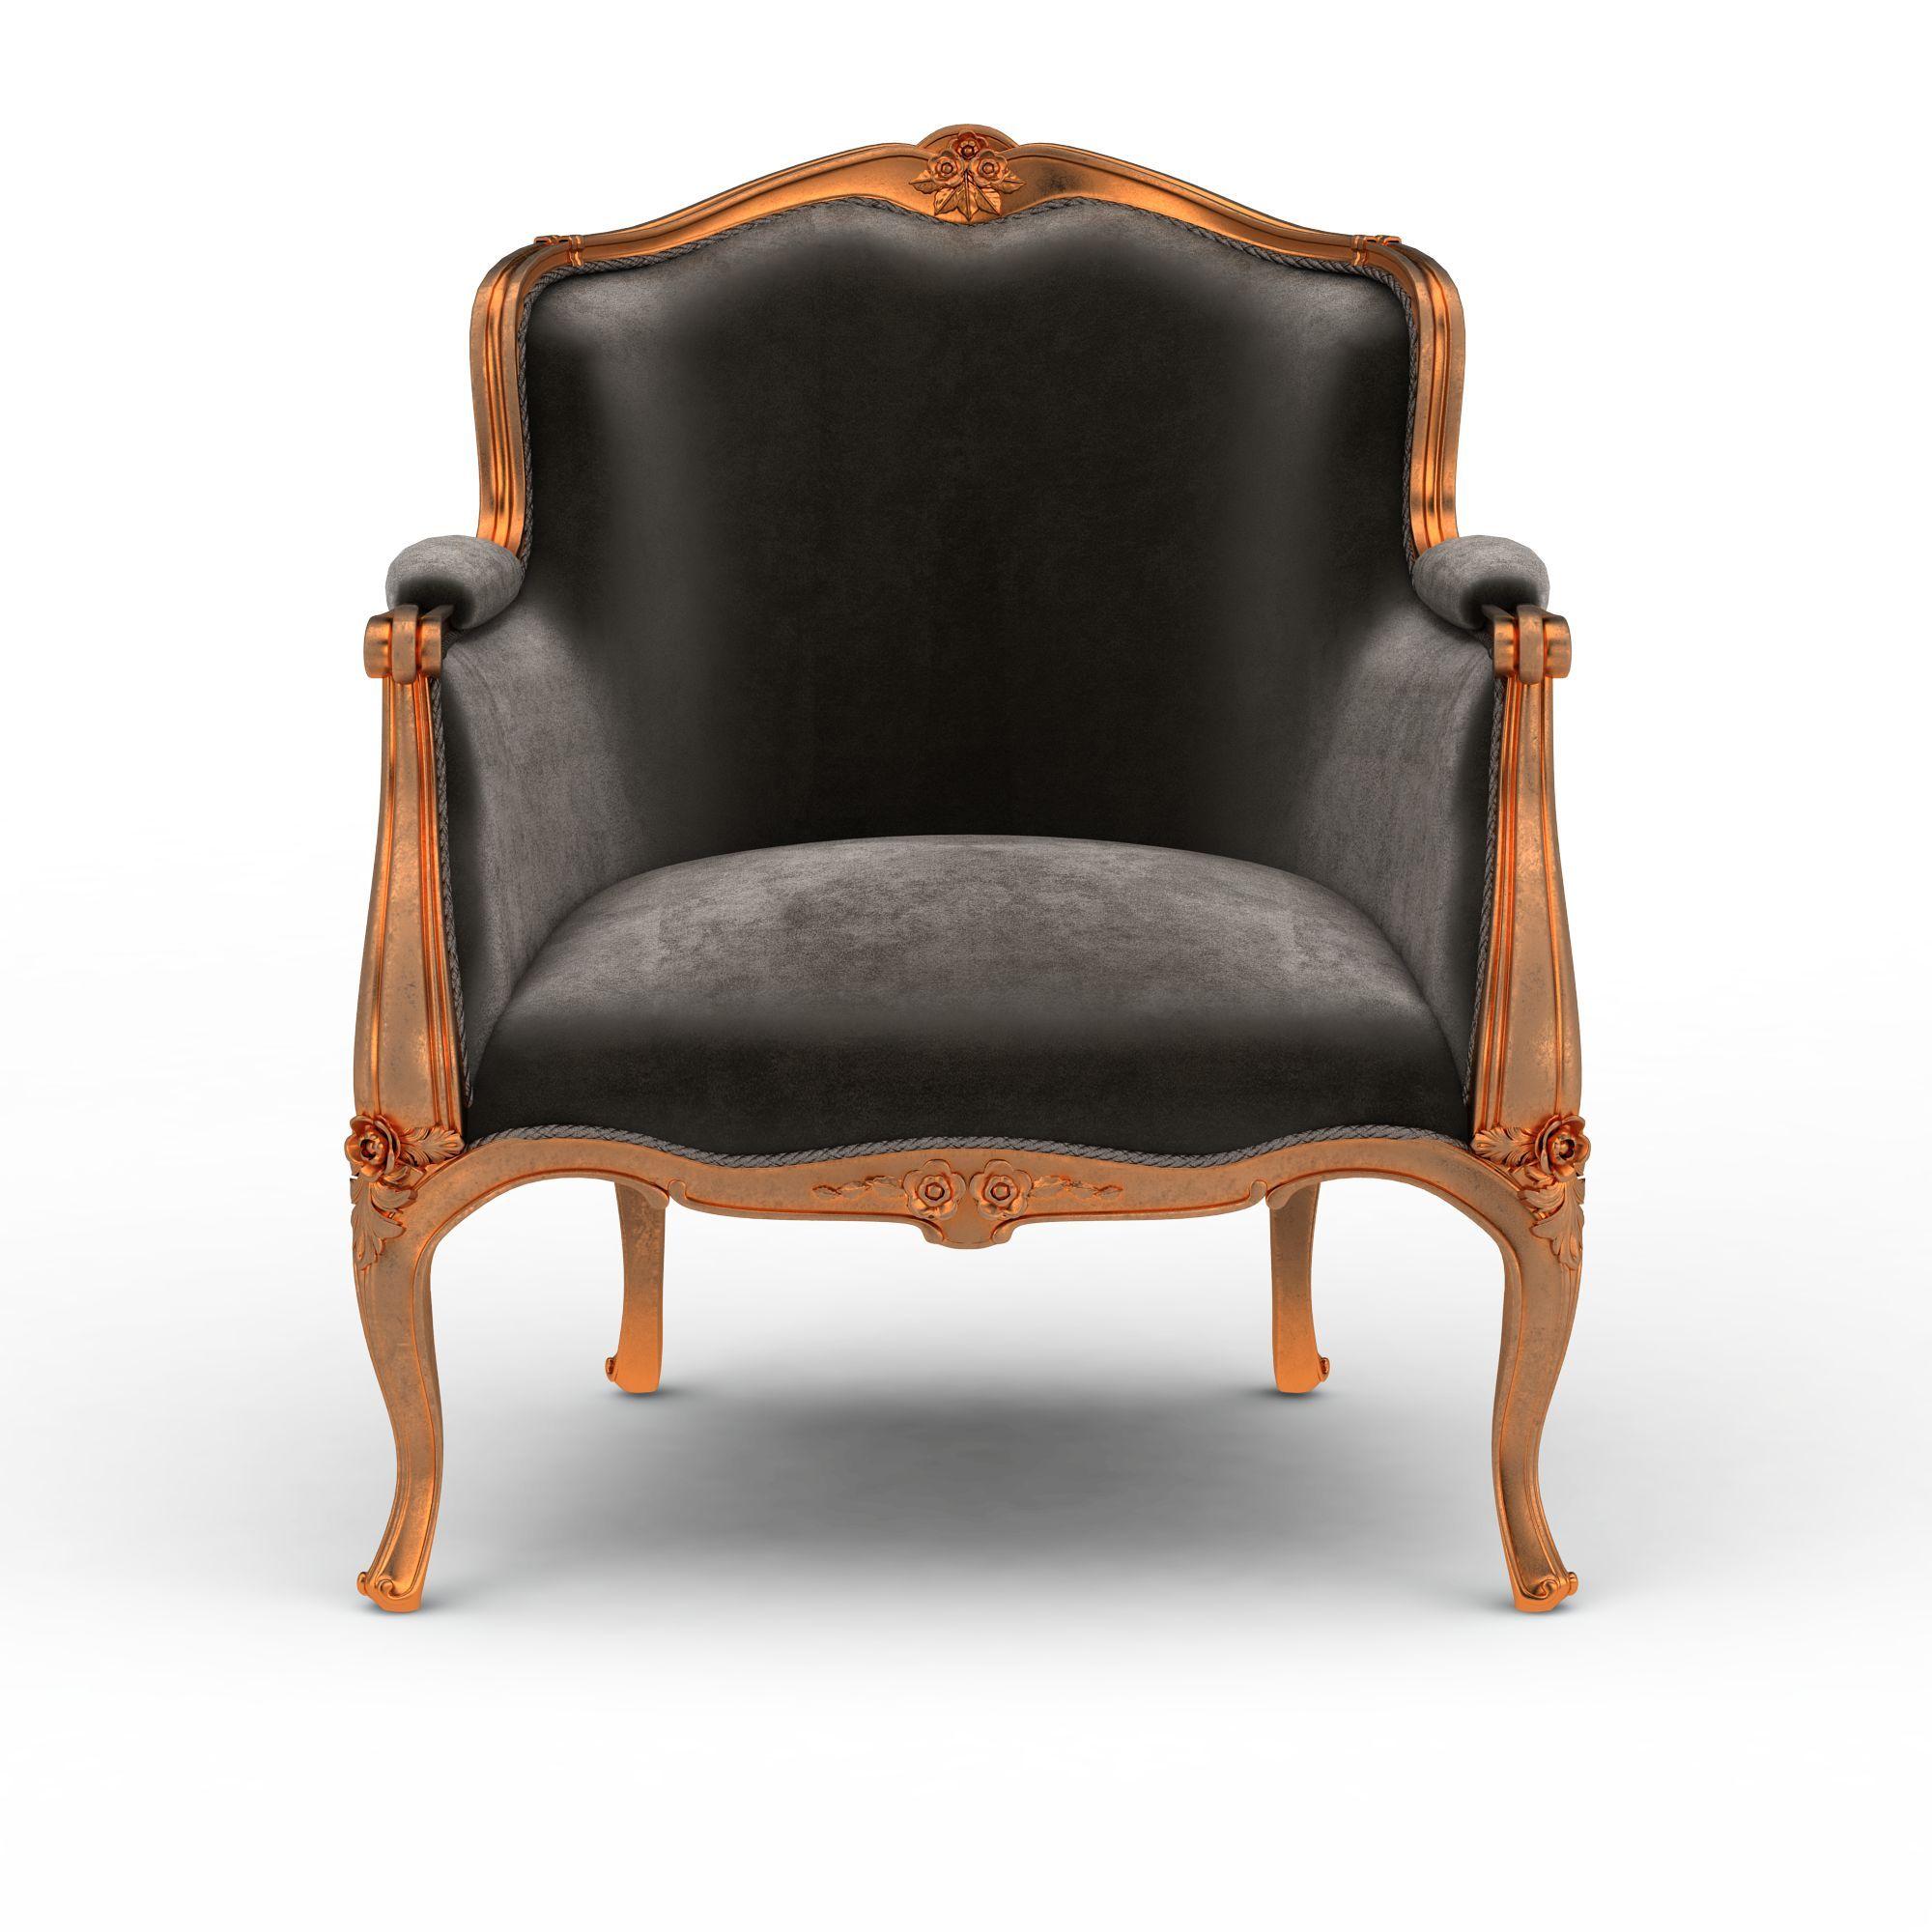 单人沙发椅高清图下载